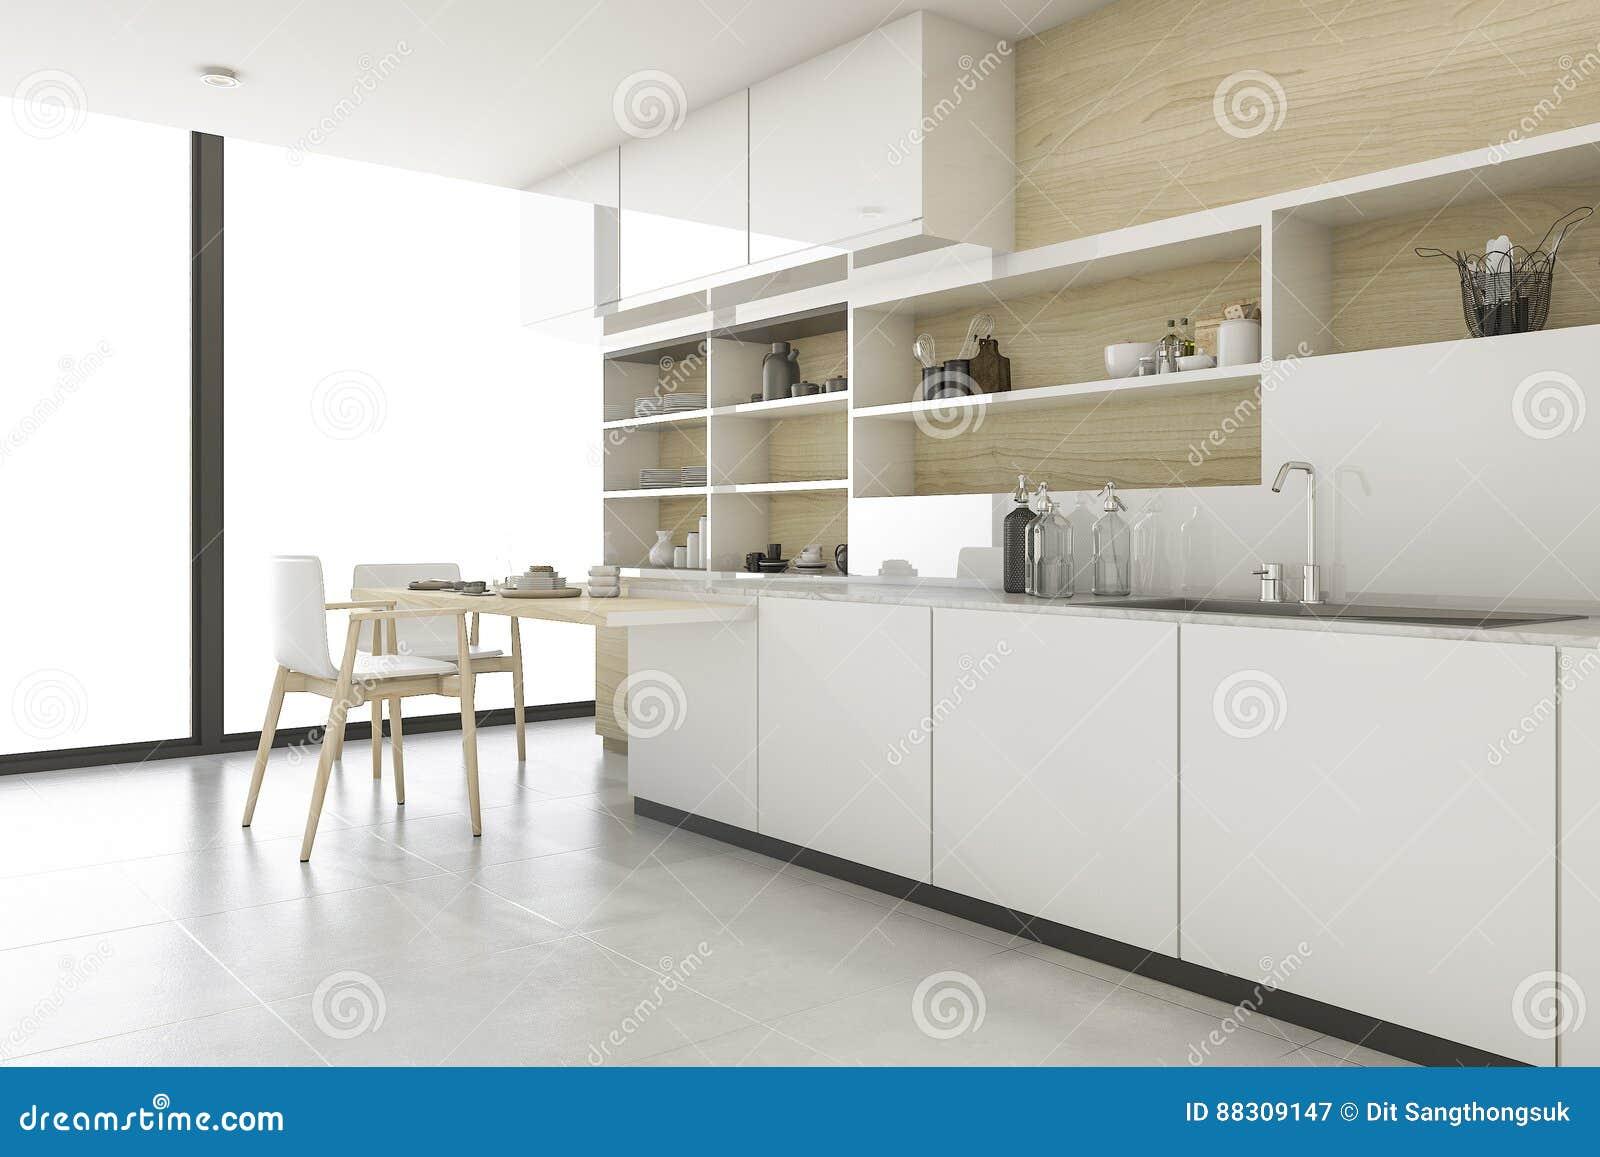 Keuken Interieur Scandinavisch : D het teruggeven skandinavische keuken met minimale stijl stock